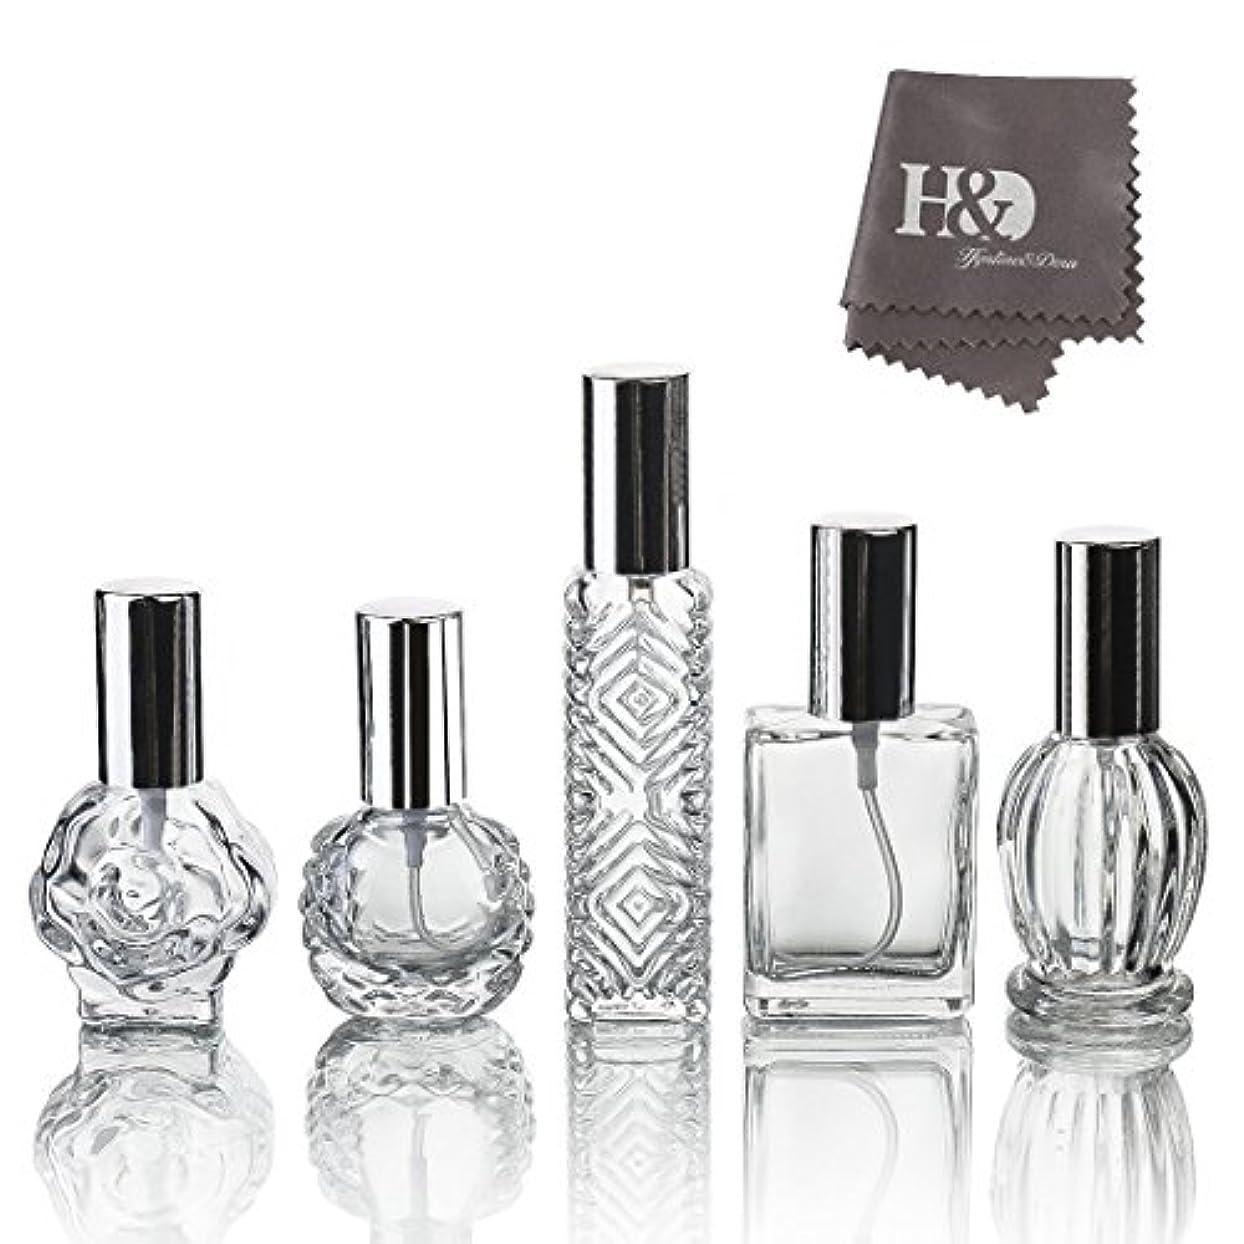 不屈引き出すスキニーH&D 5枚セット ガラスボトル 香水瓶 詰替用瓶 分け瓶 旅行用品 化粧水用瓶 装飾雑貨 ガラス製 (2)